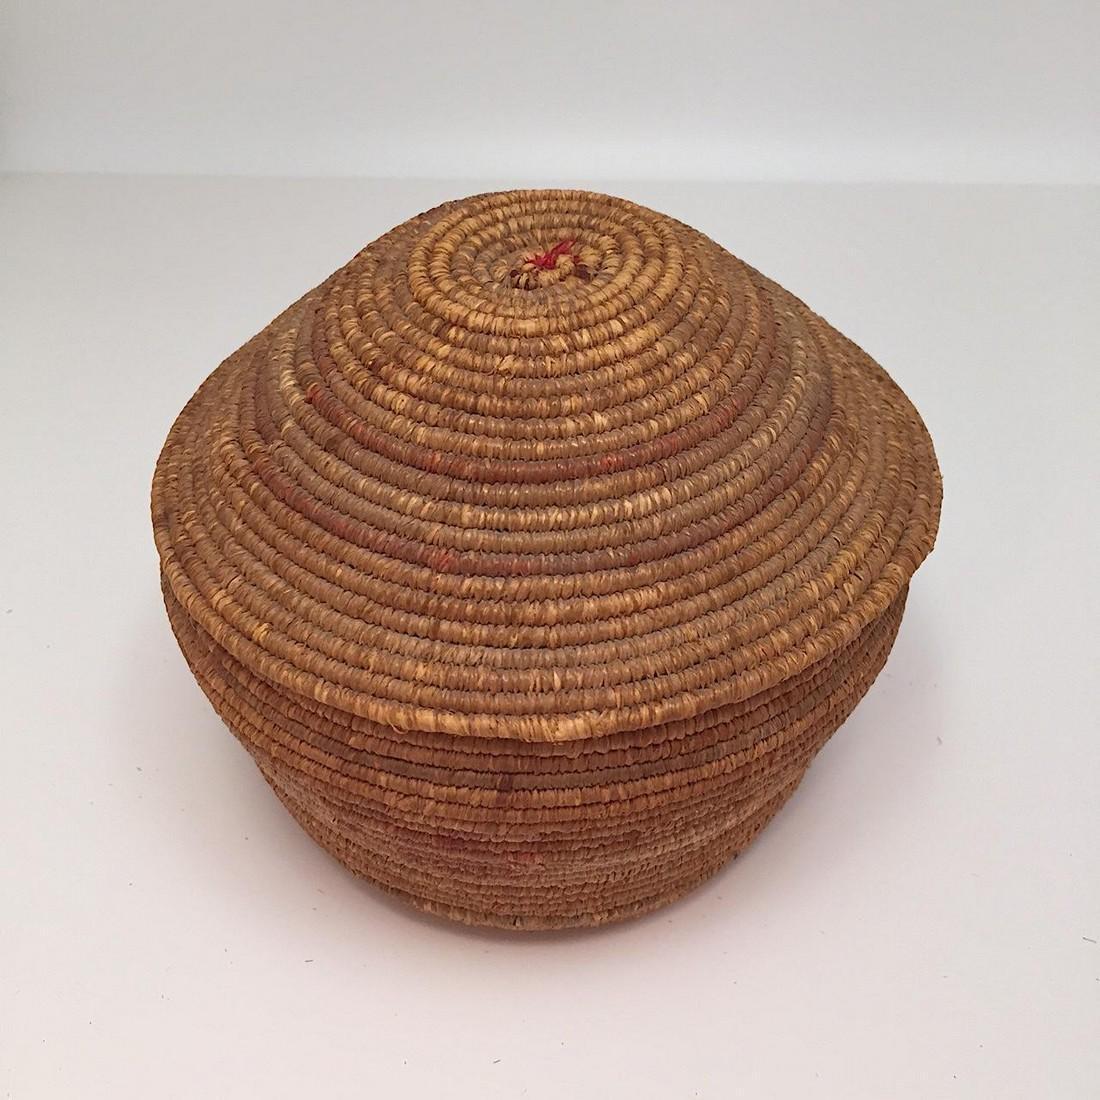 Northwest Coast Salish Lidded Coiled Basket - 9